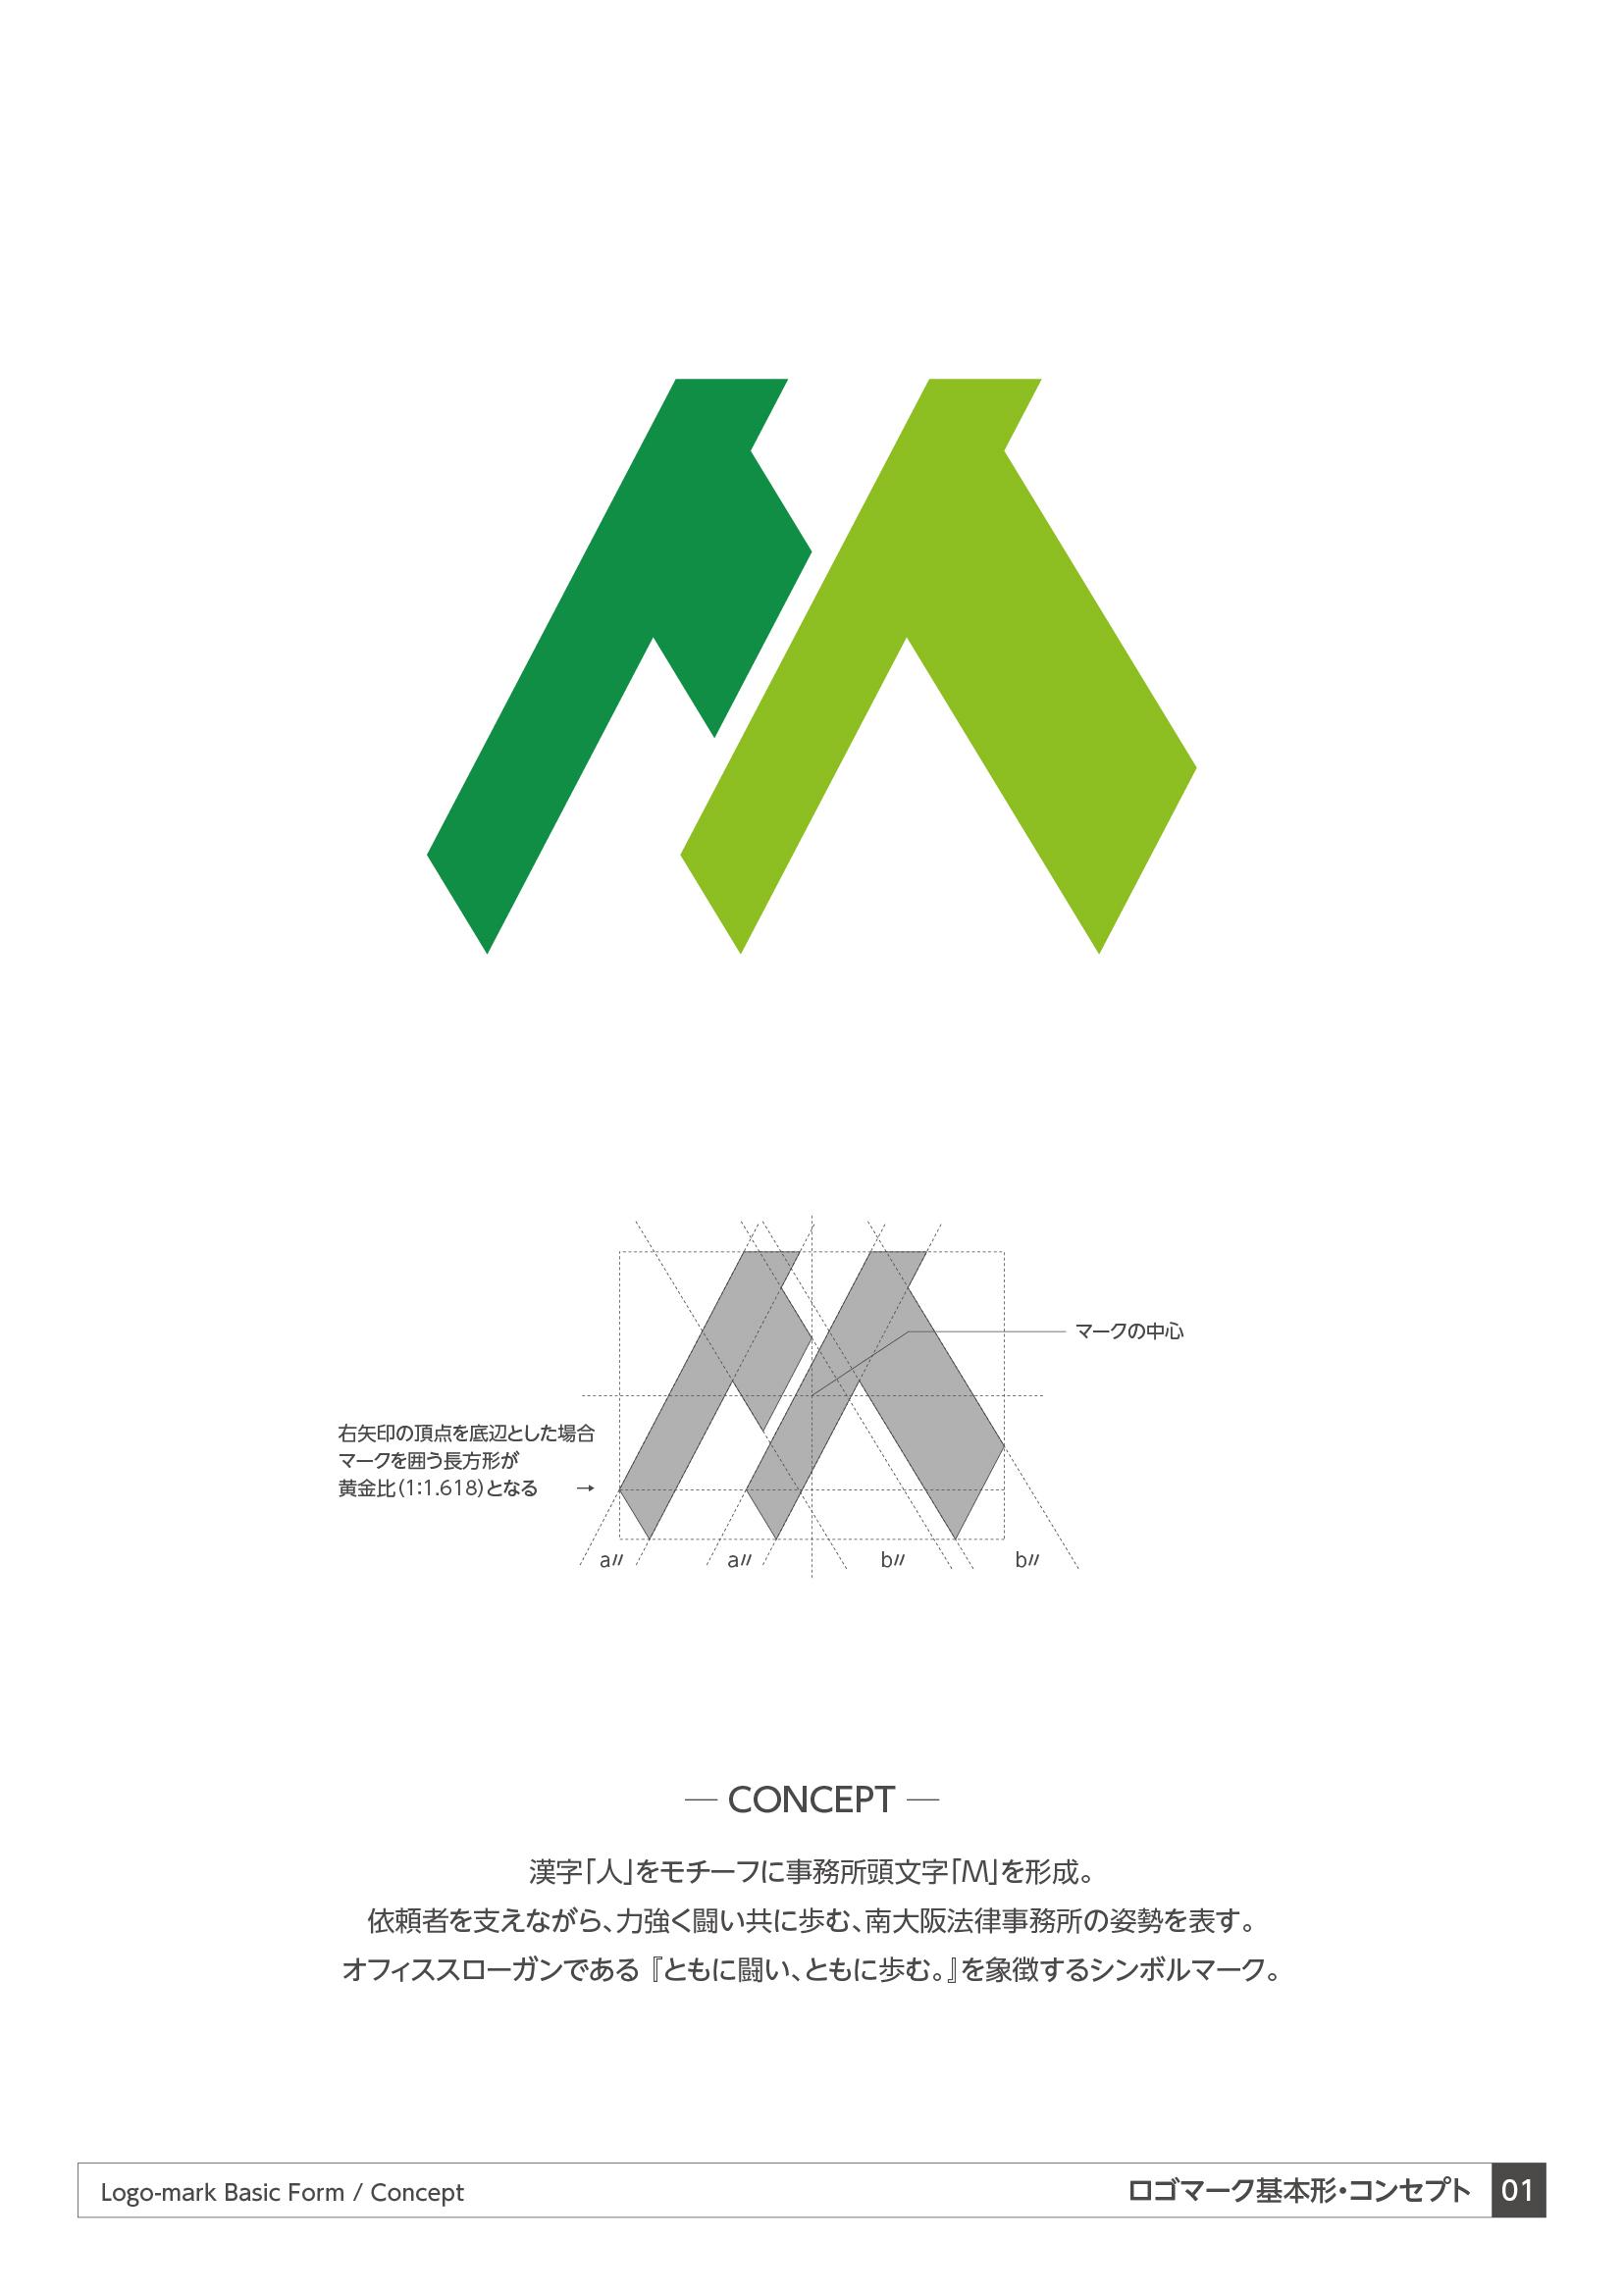 南大阪法律事務所のロゴマーク